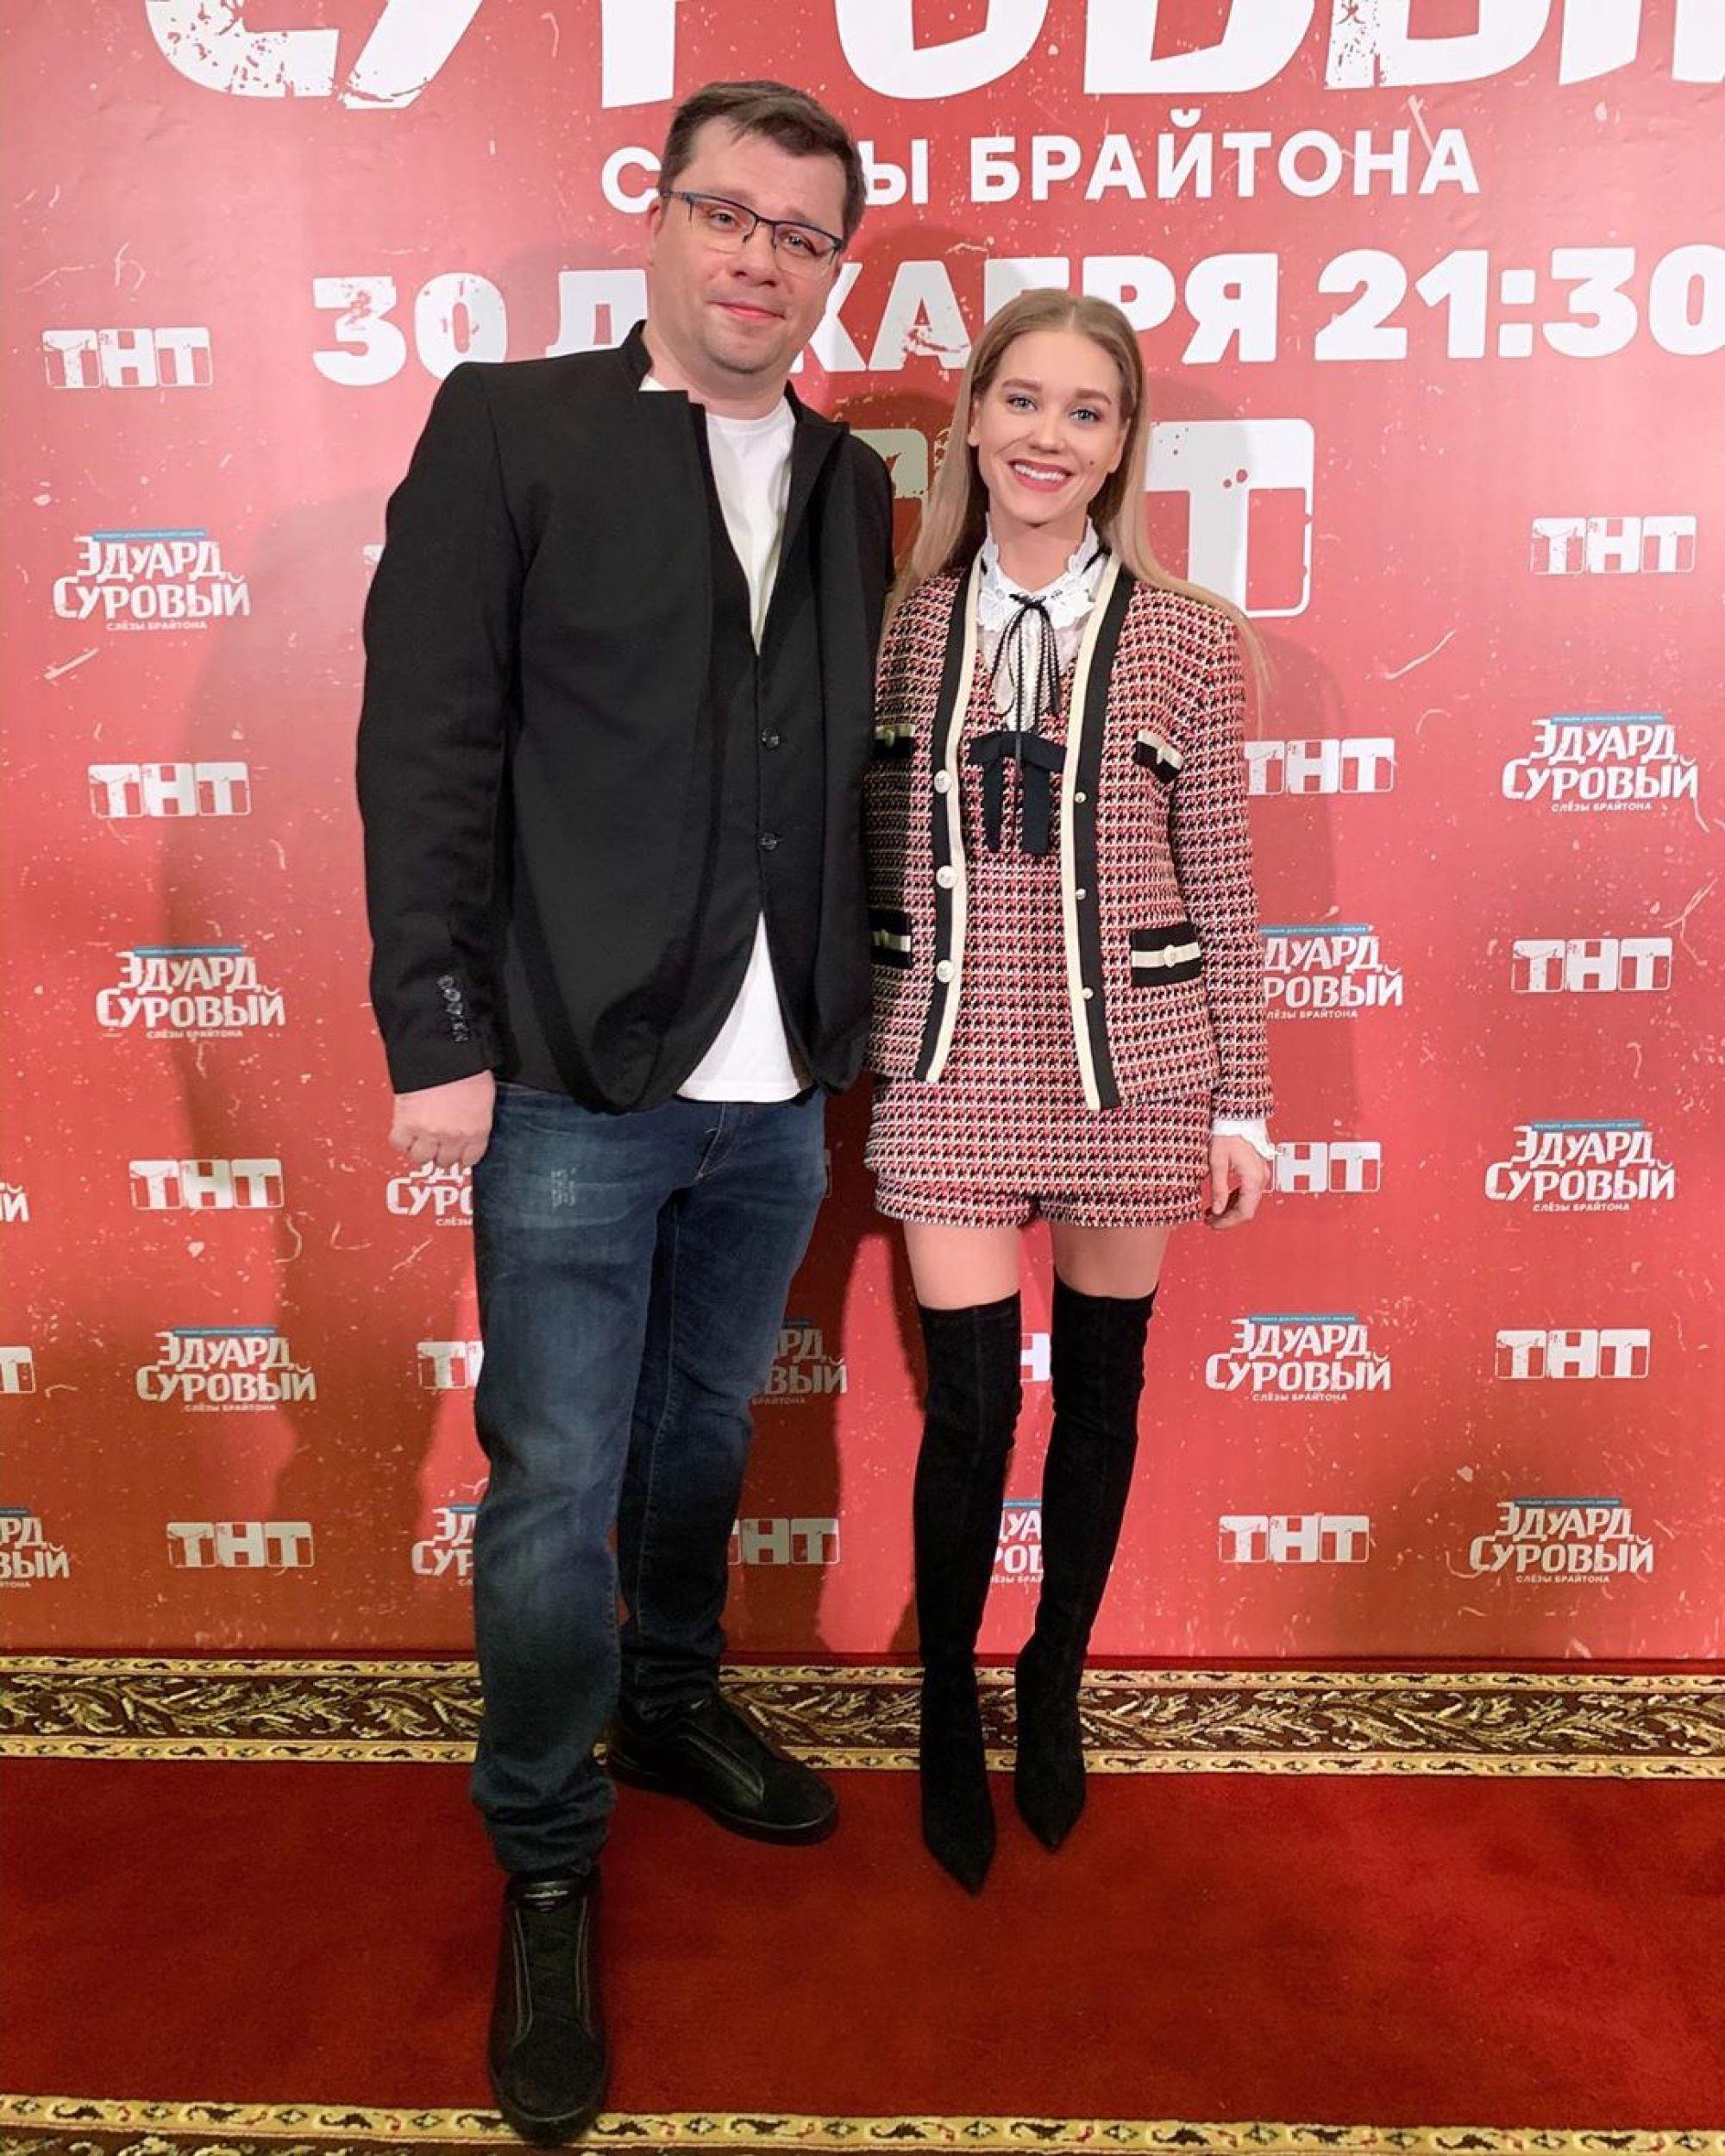 Похудевший Гарик Харламов появился на публике с Кристиной Асмус